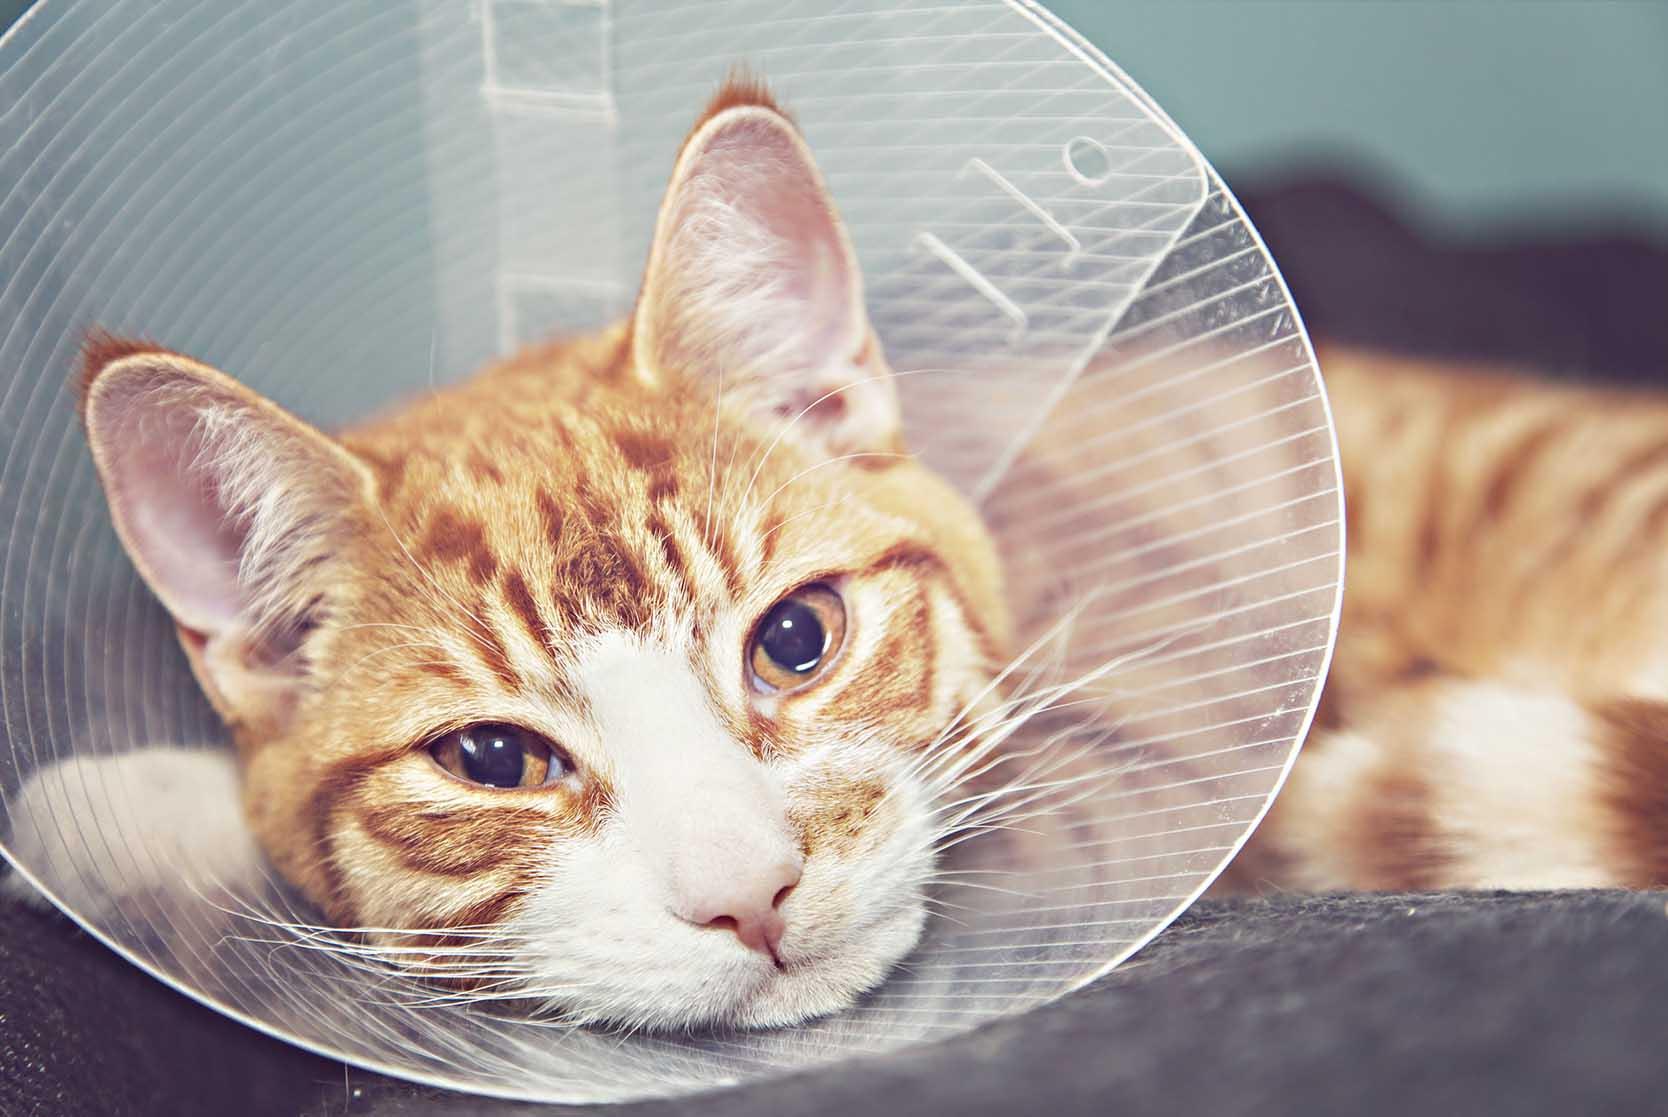 forsikring av katt